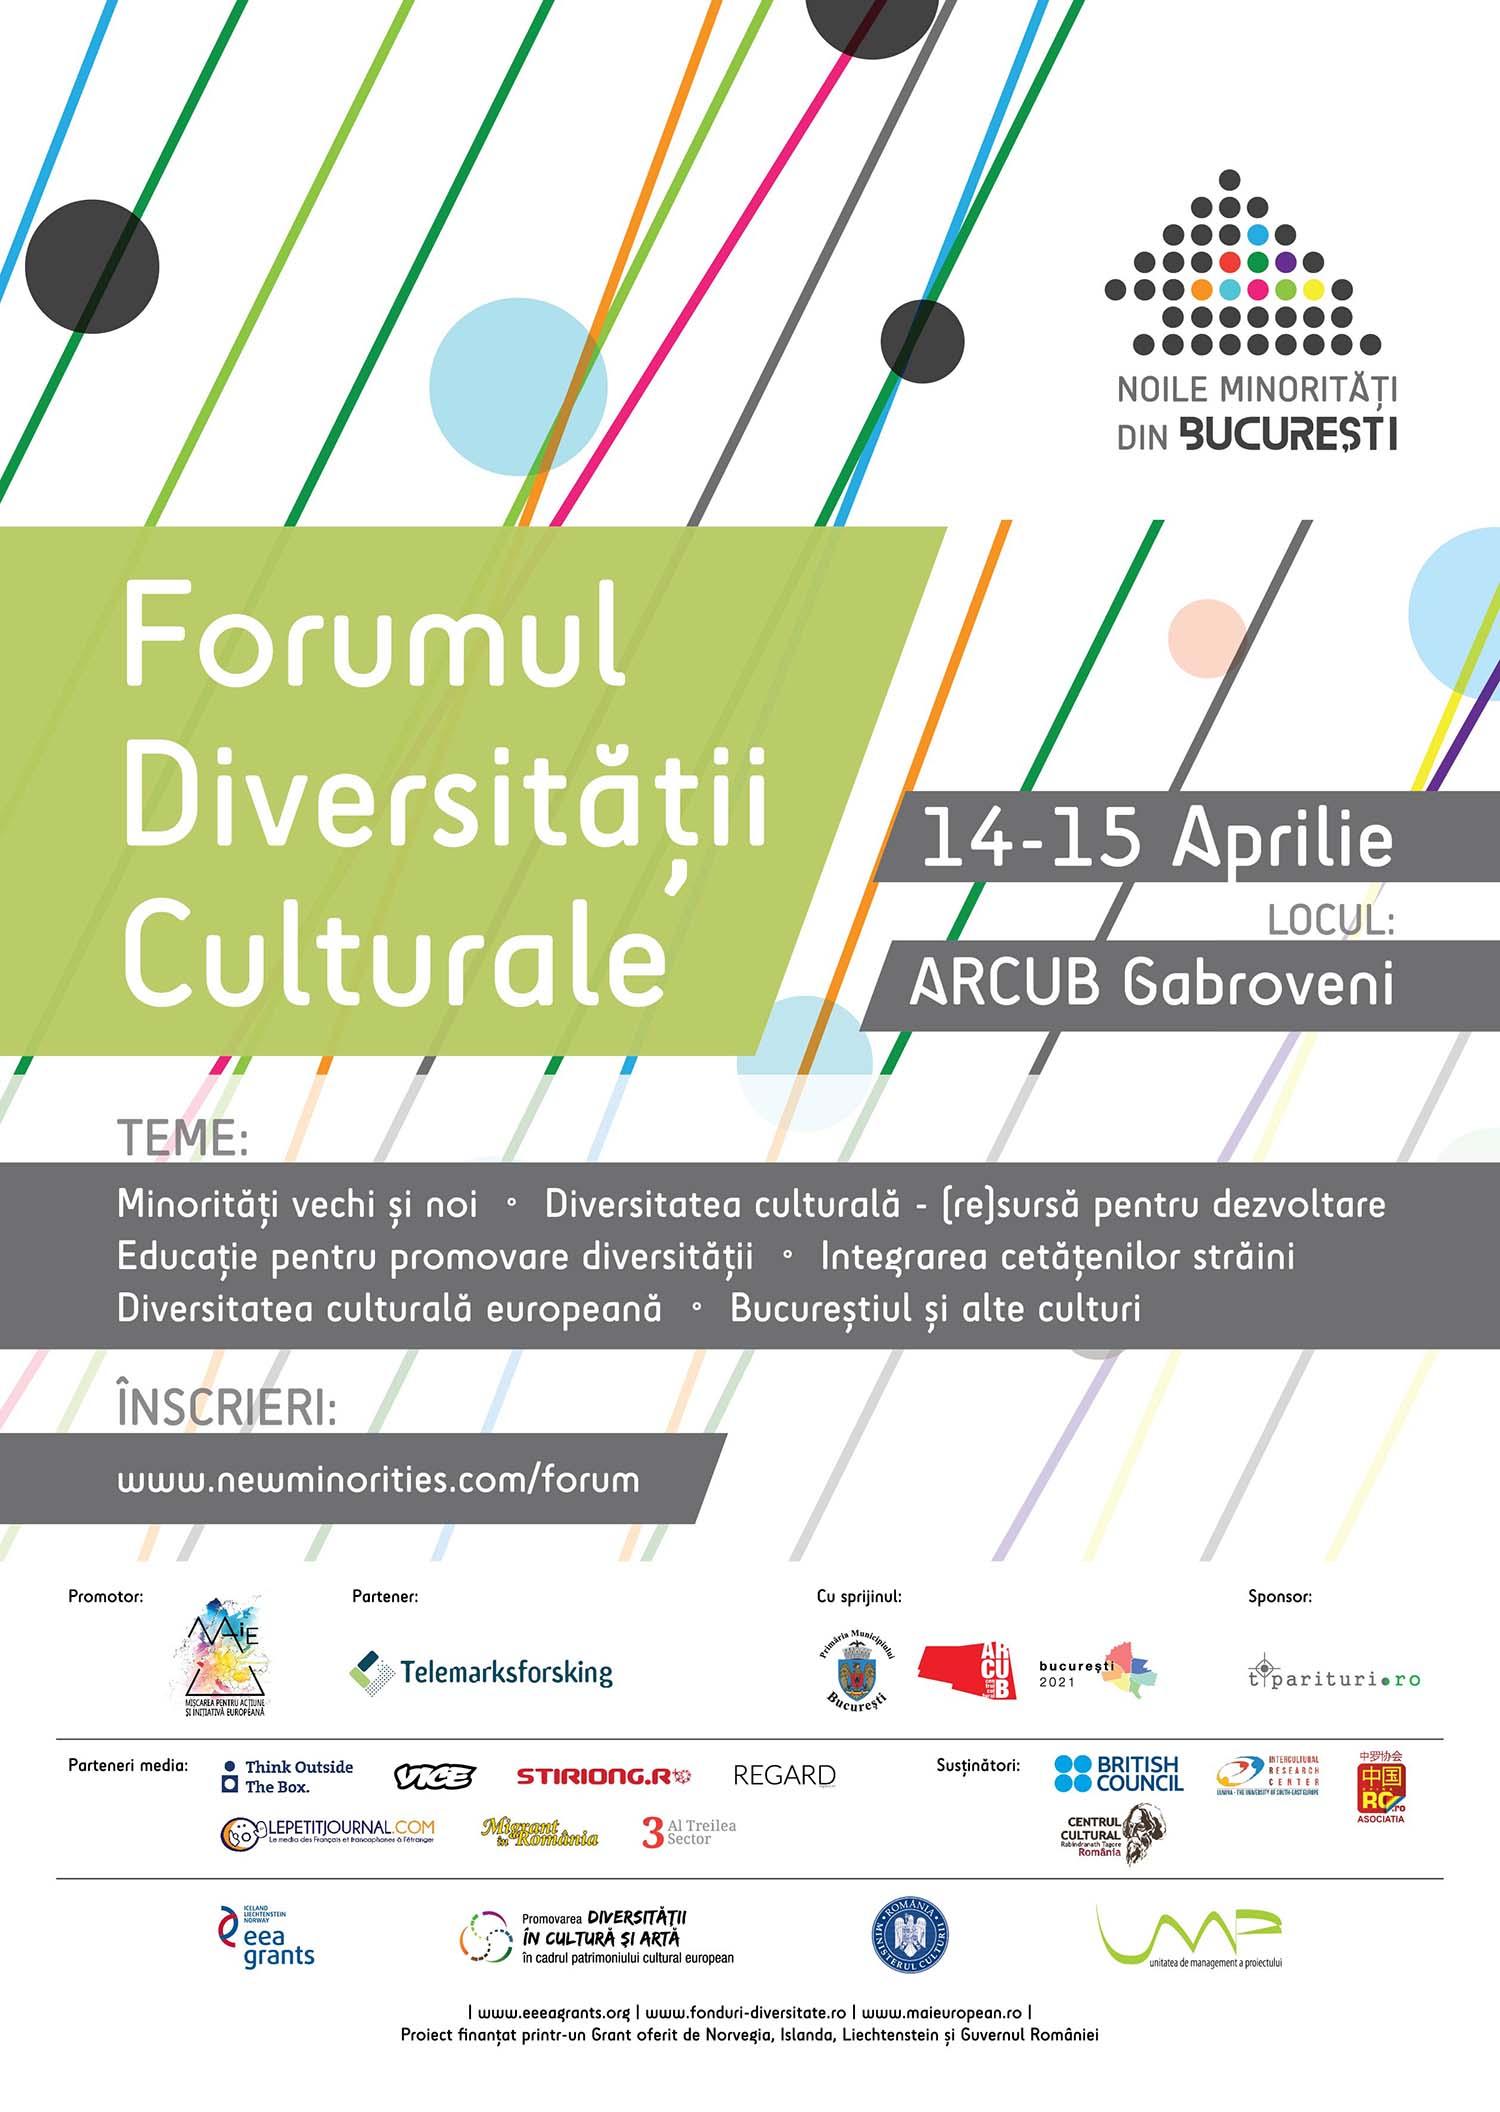 Forumul Diversitatii Culturale, 14 - 15 aprilie 2016